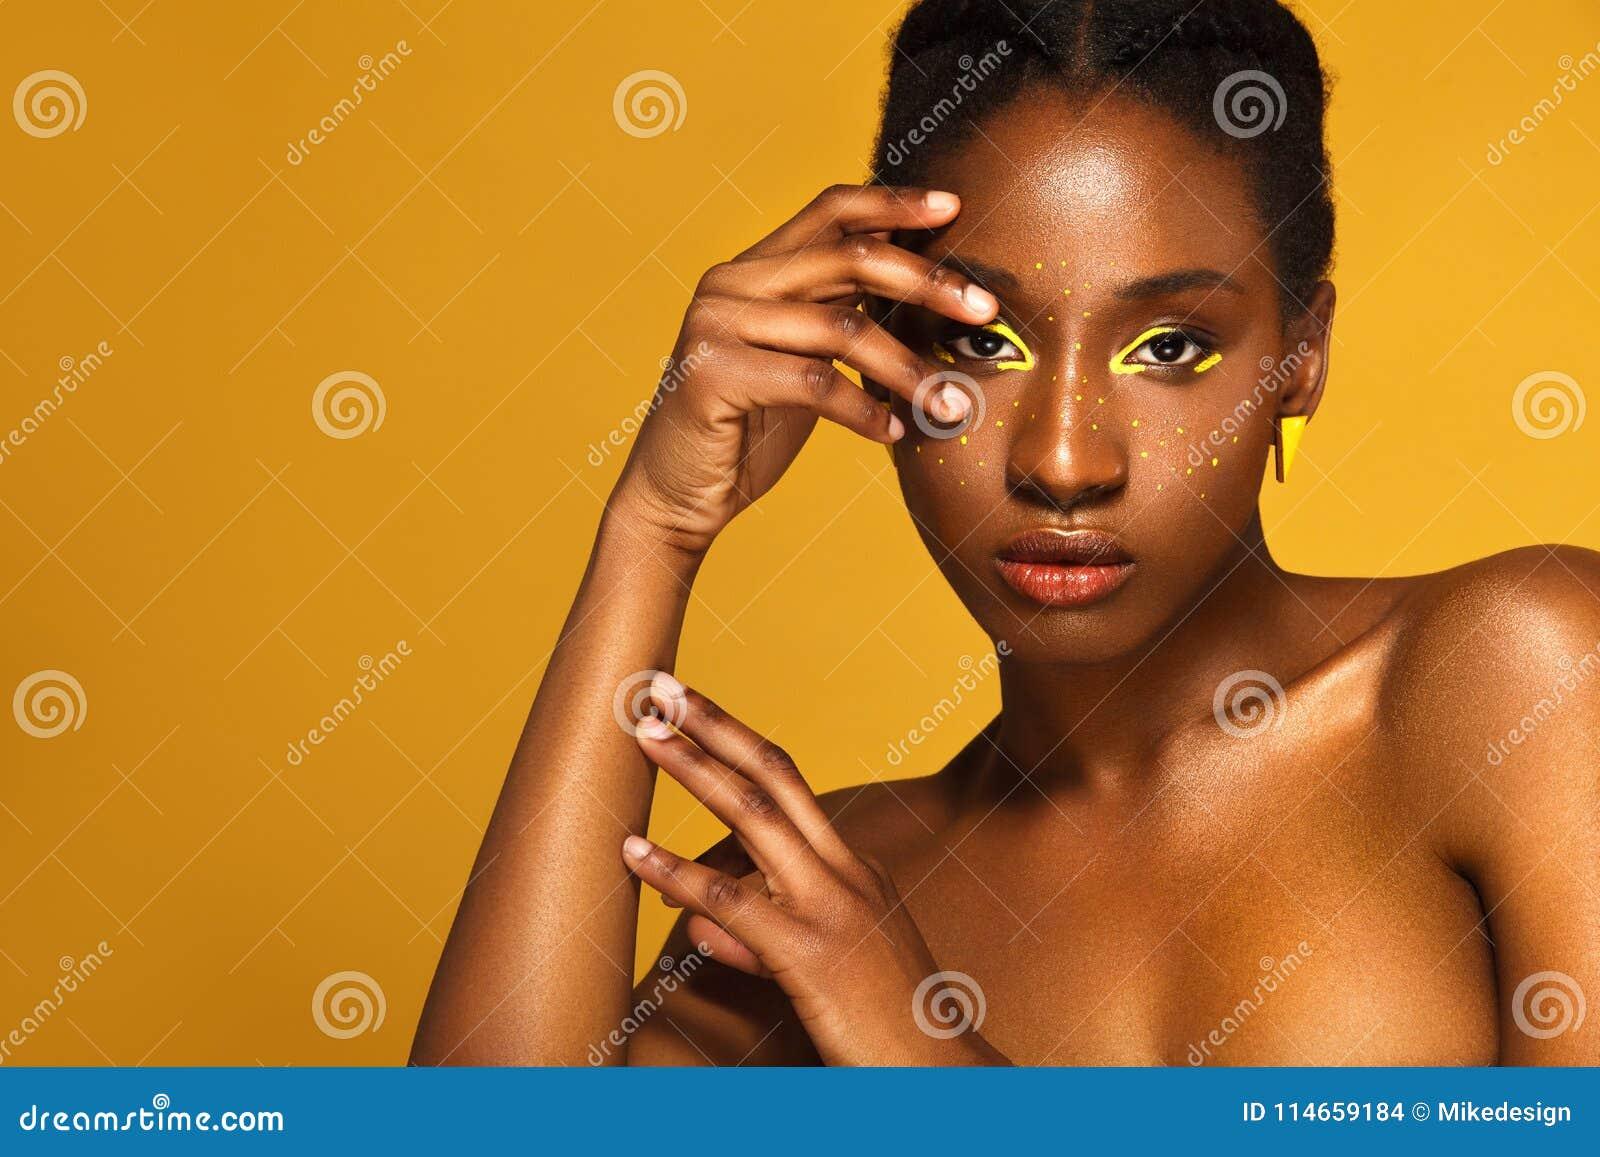 Mujer africana joven alegre con maquillaje amarillo en ella ojos Risa modelo femenina contra fondo amarillo